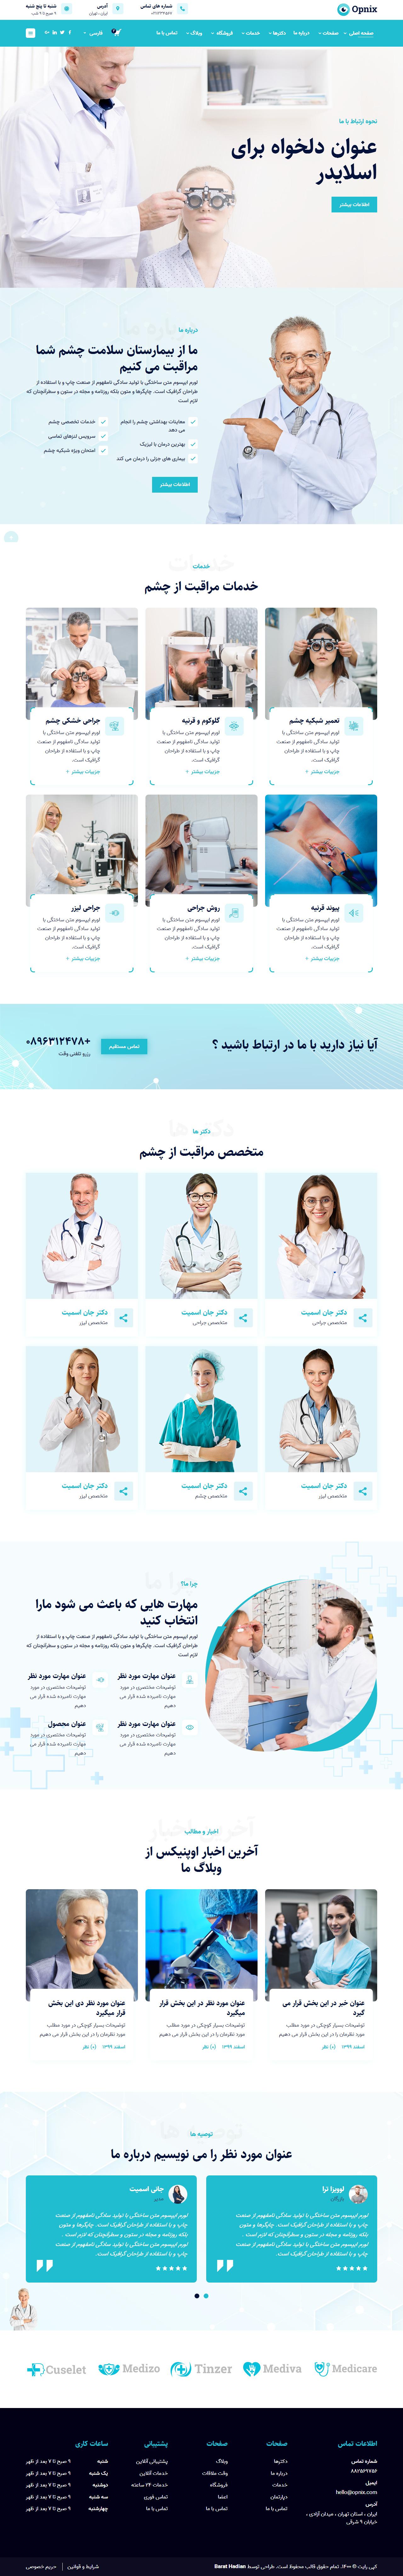 امکانات قالب HTML پزشکی اوپنیکس